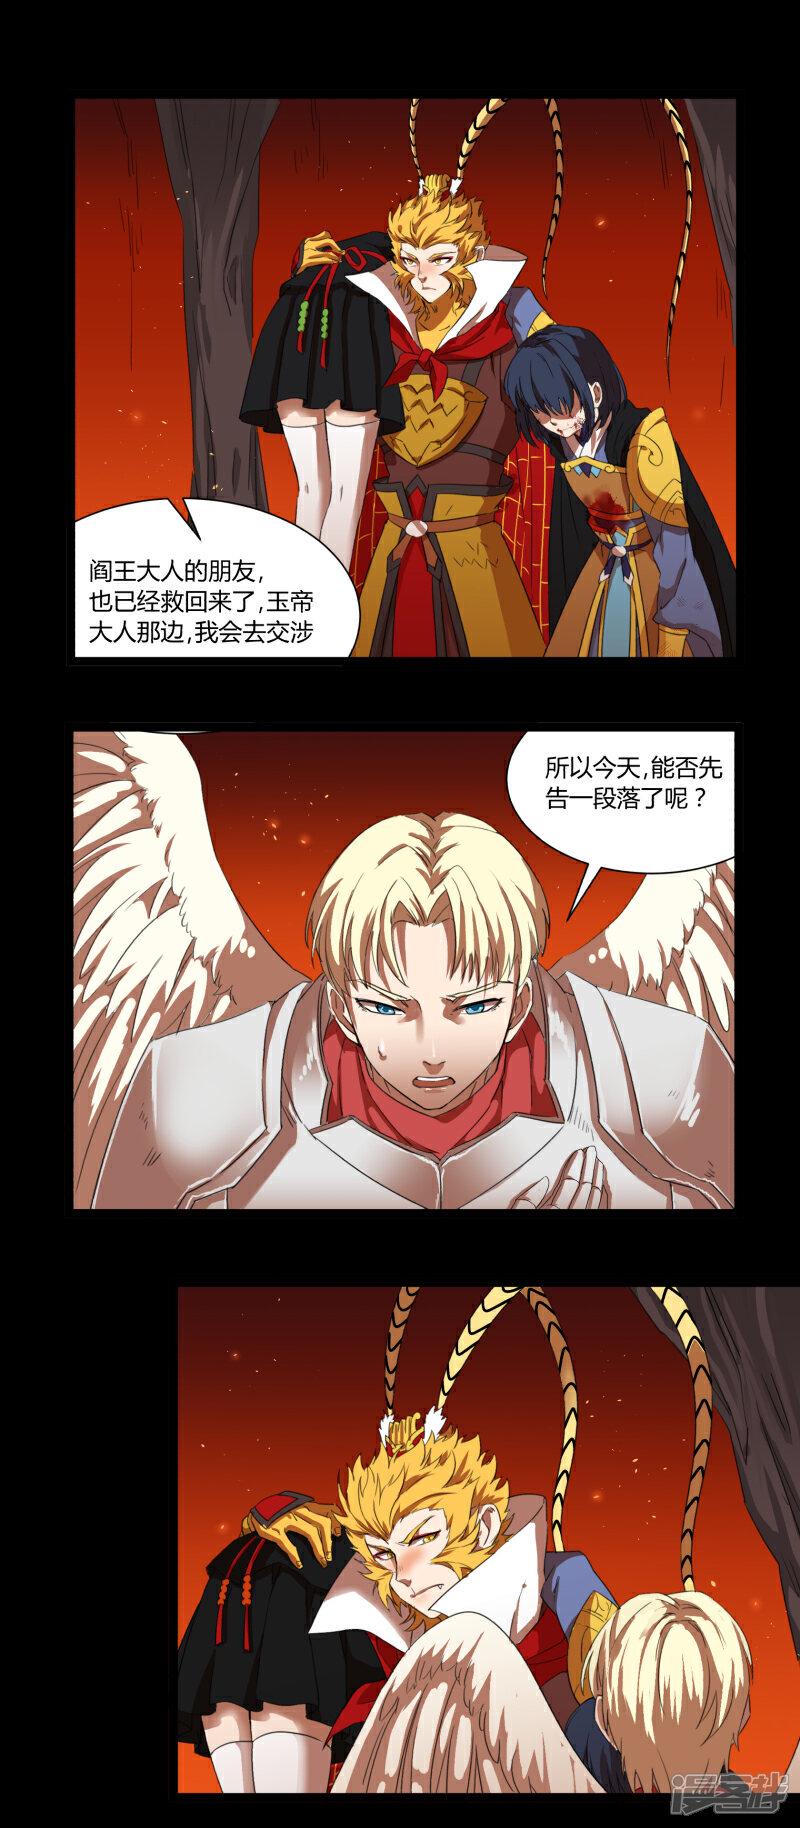 阎王不高兴漫画 第32话 漫客栈